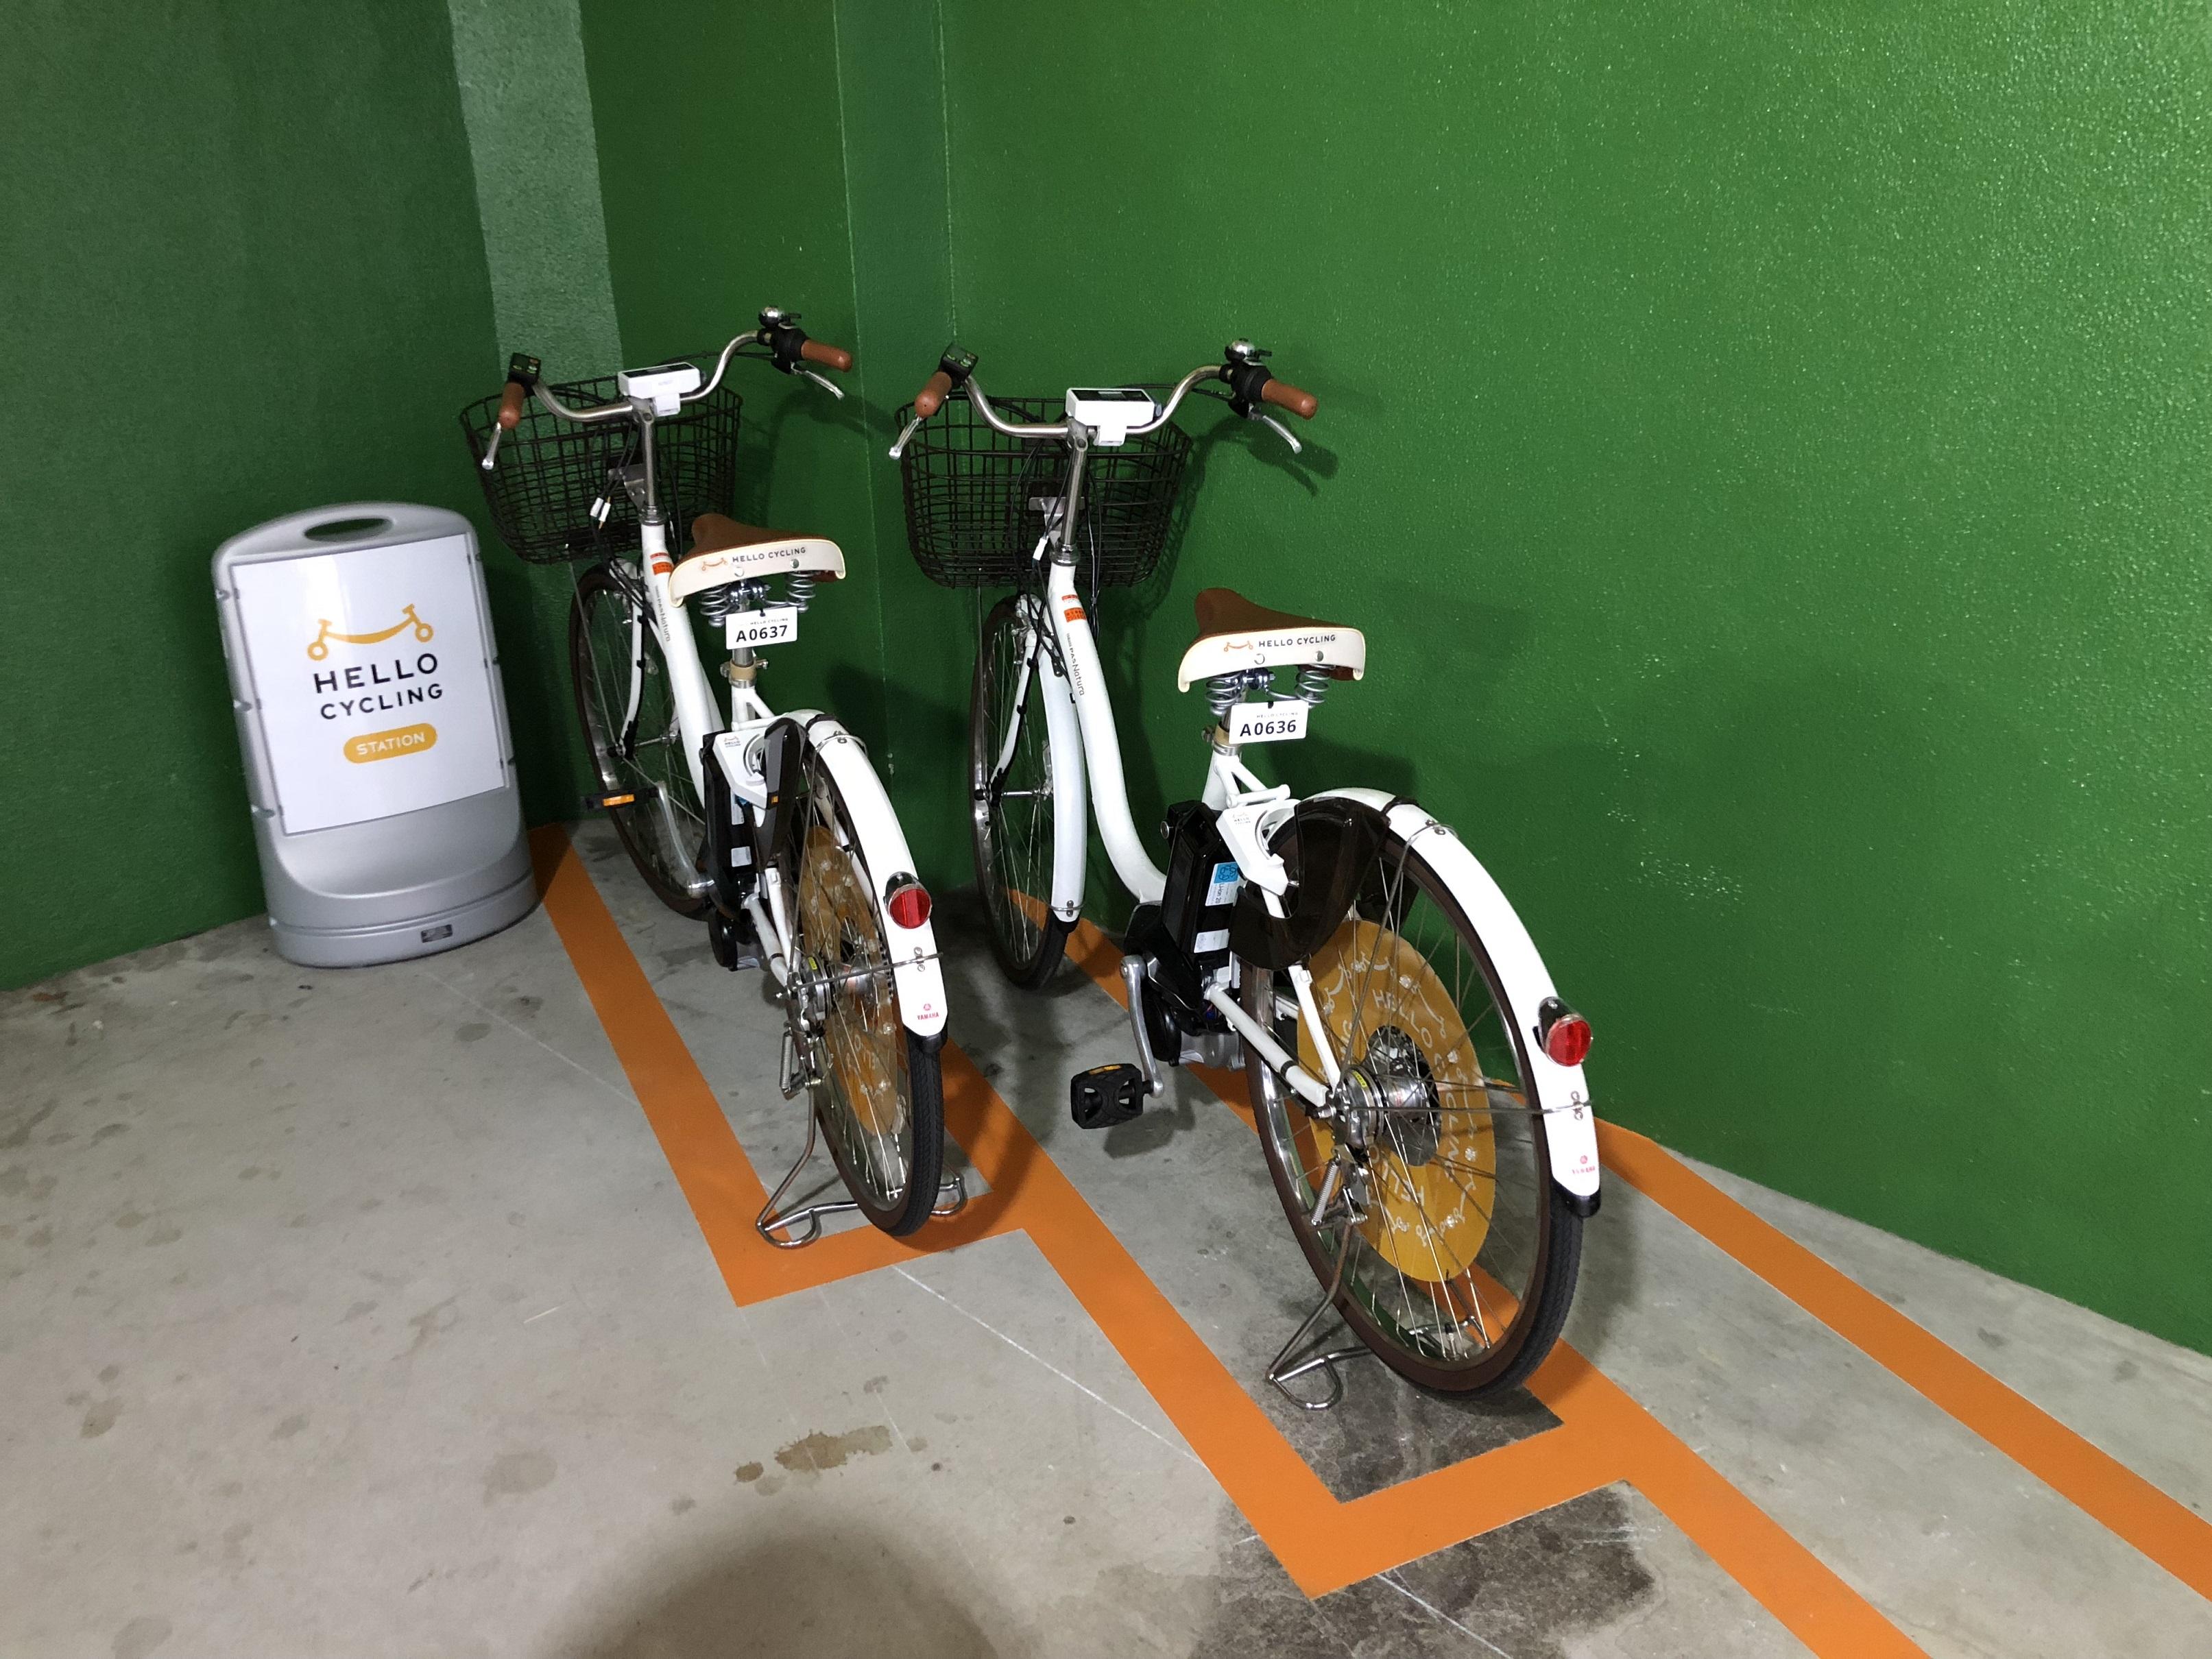 阪神尼崎駅西 アマスタアマセン高架下駐輪場 (HELLO CYCLING ポート) image